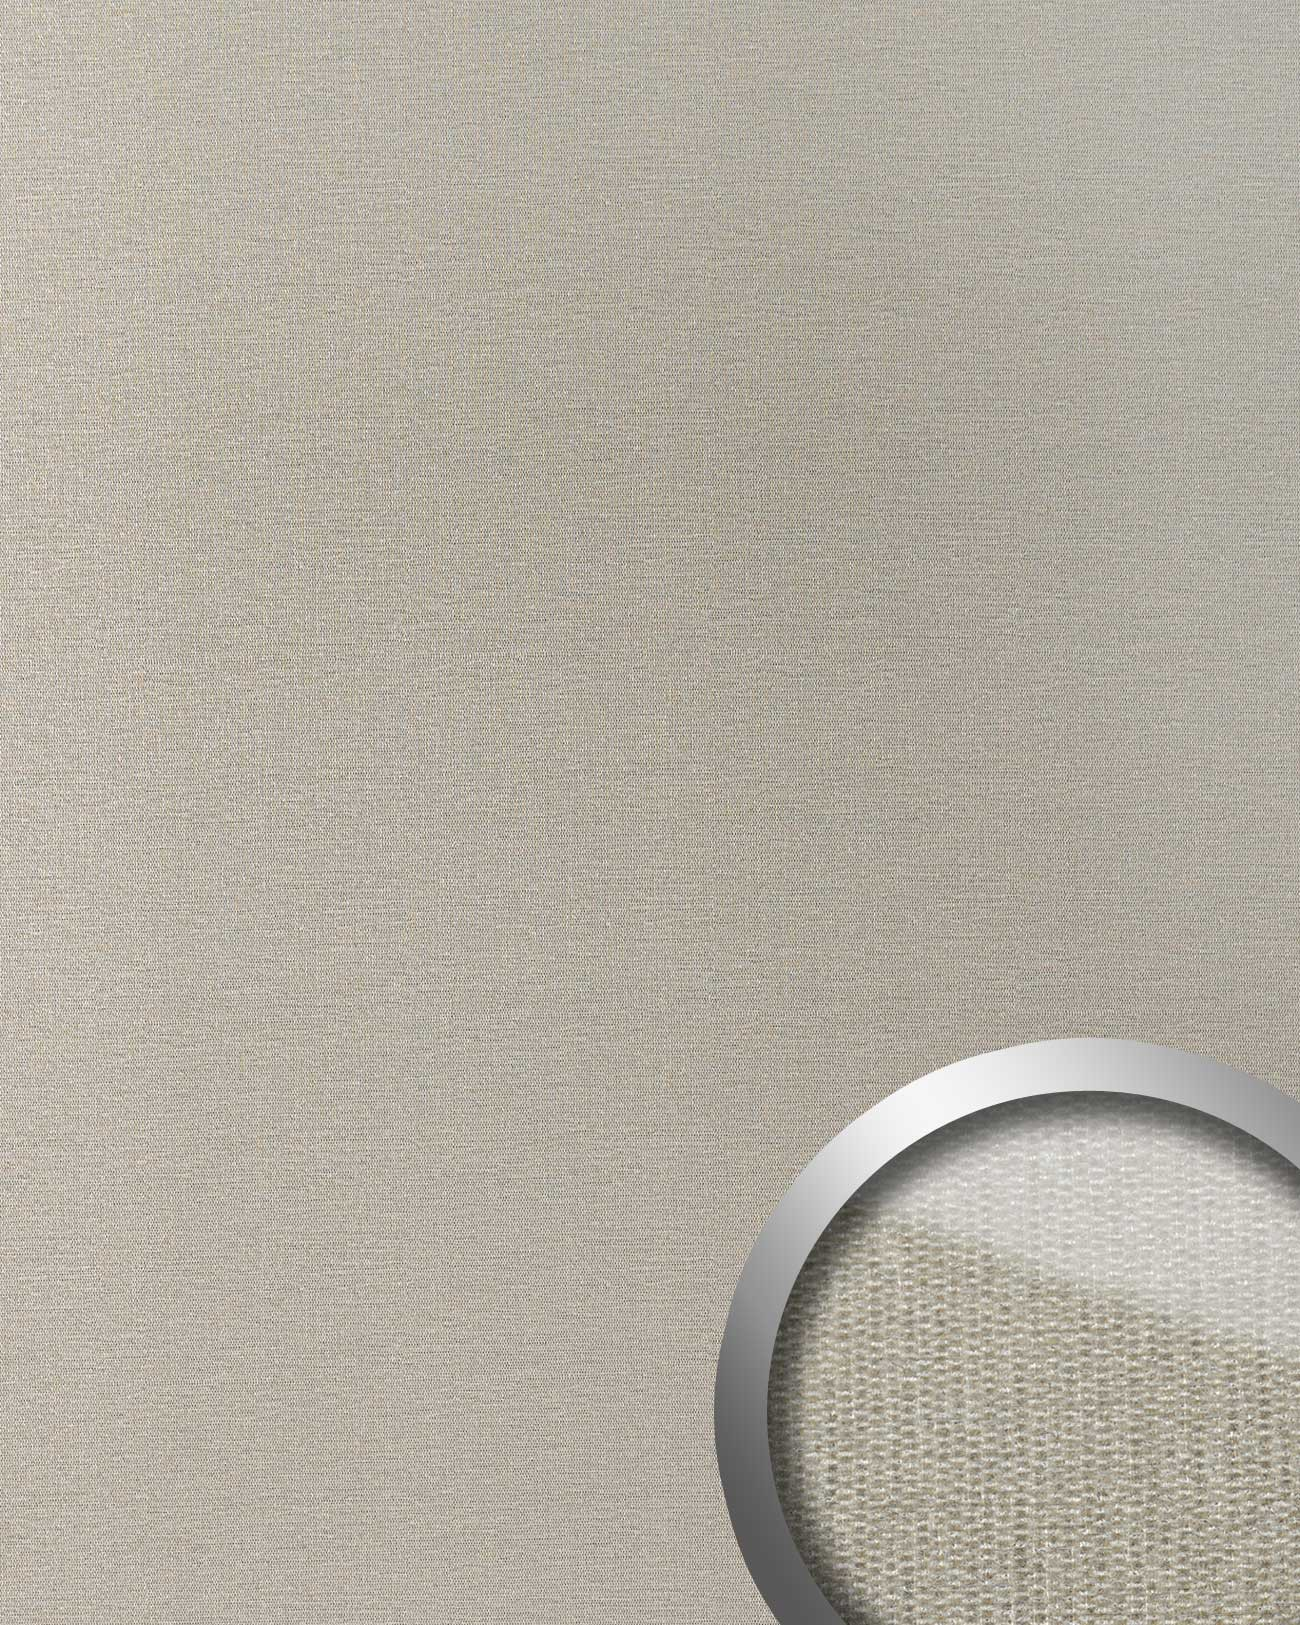 Panneau mural adh sif aspect verre wallface 18590 deco - Panneau adhesif mural ...